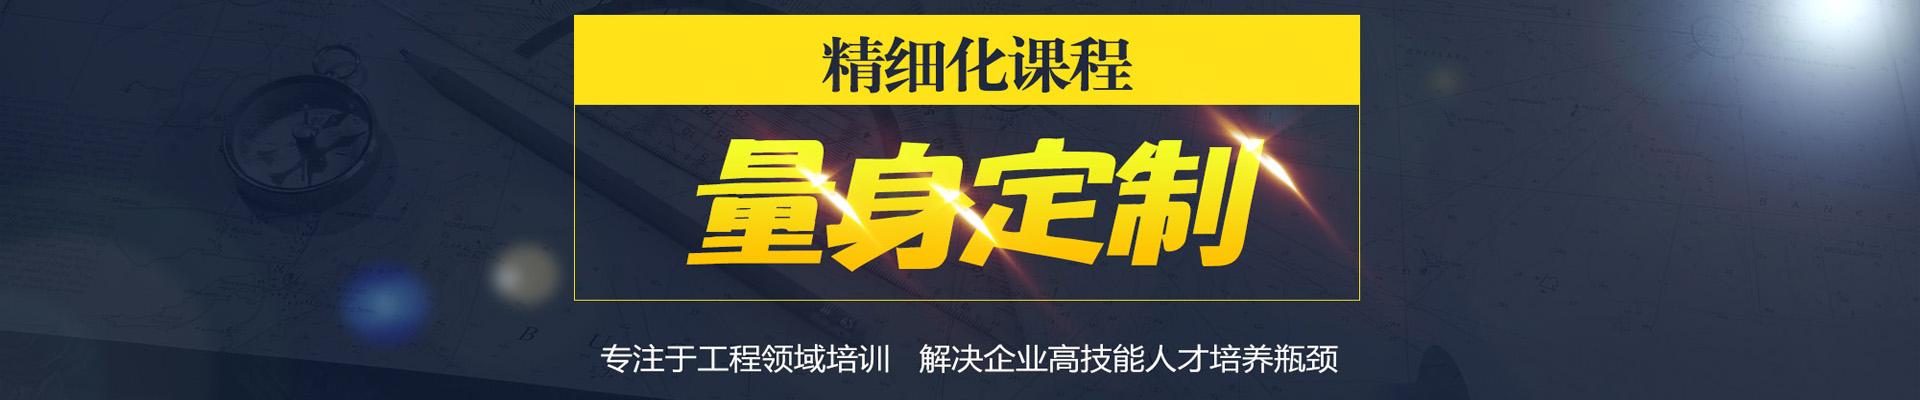 湖北襄阳优路教育培训学校